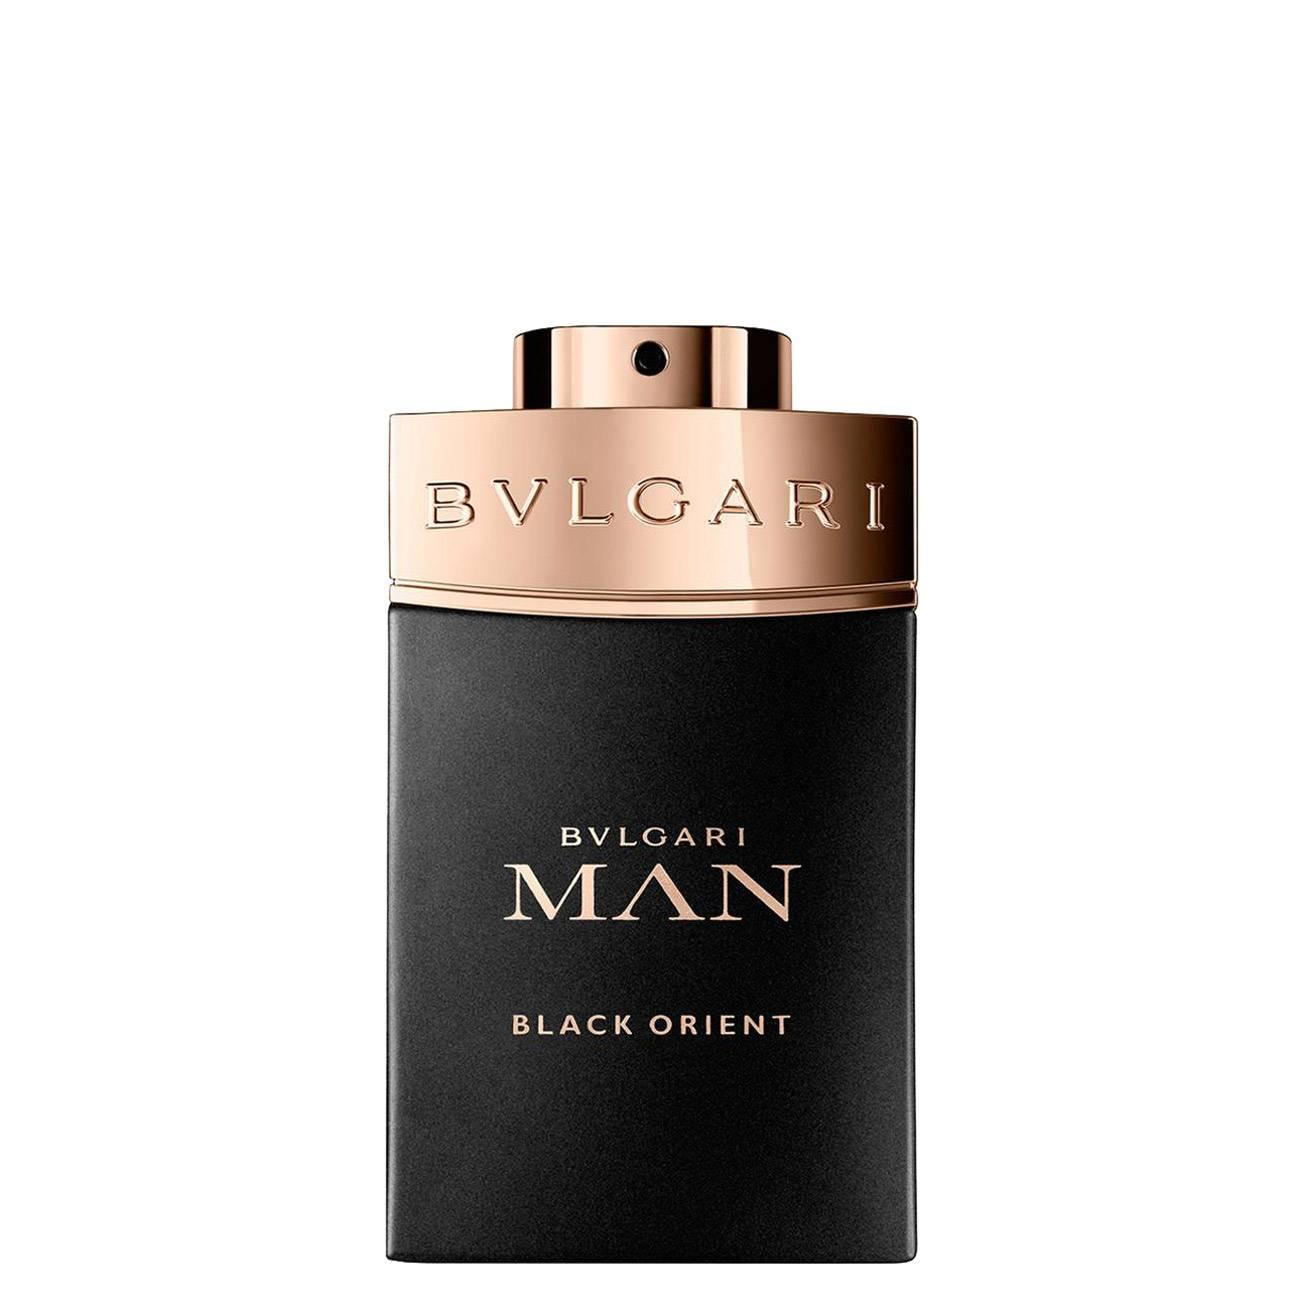 Man In Black Orient 60ml imagine